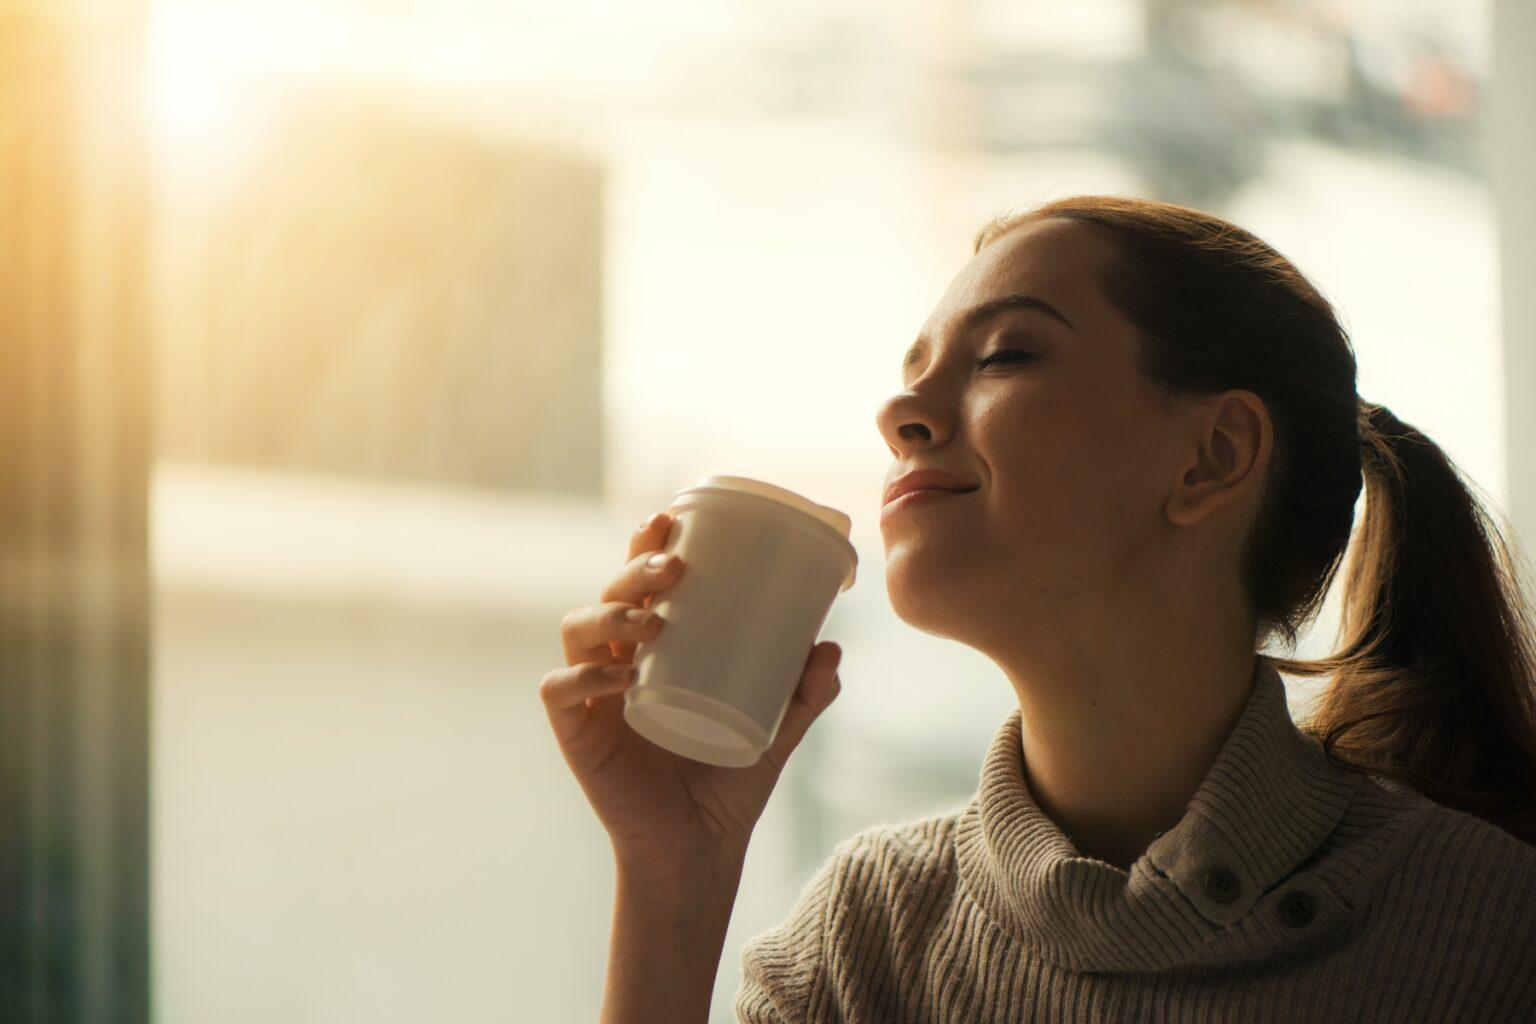 kafa-zdravlje-topli-napitak-kofein-metabolizam-zdravlje